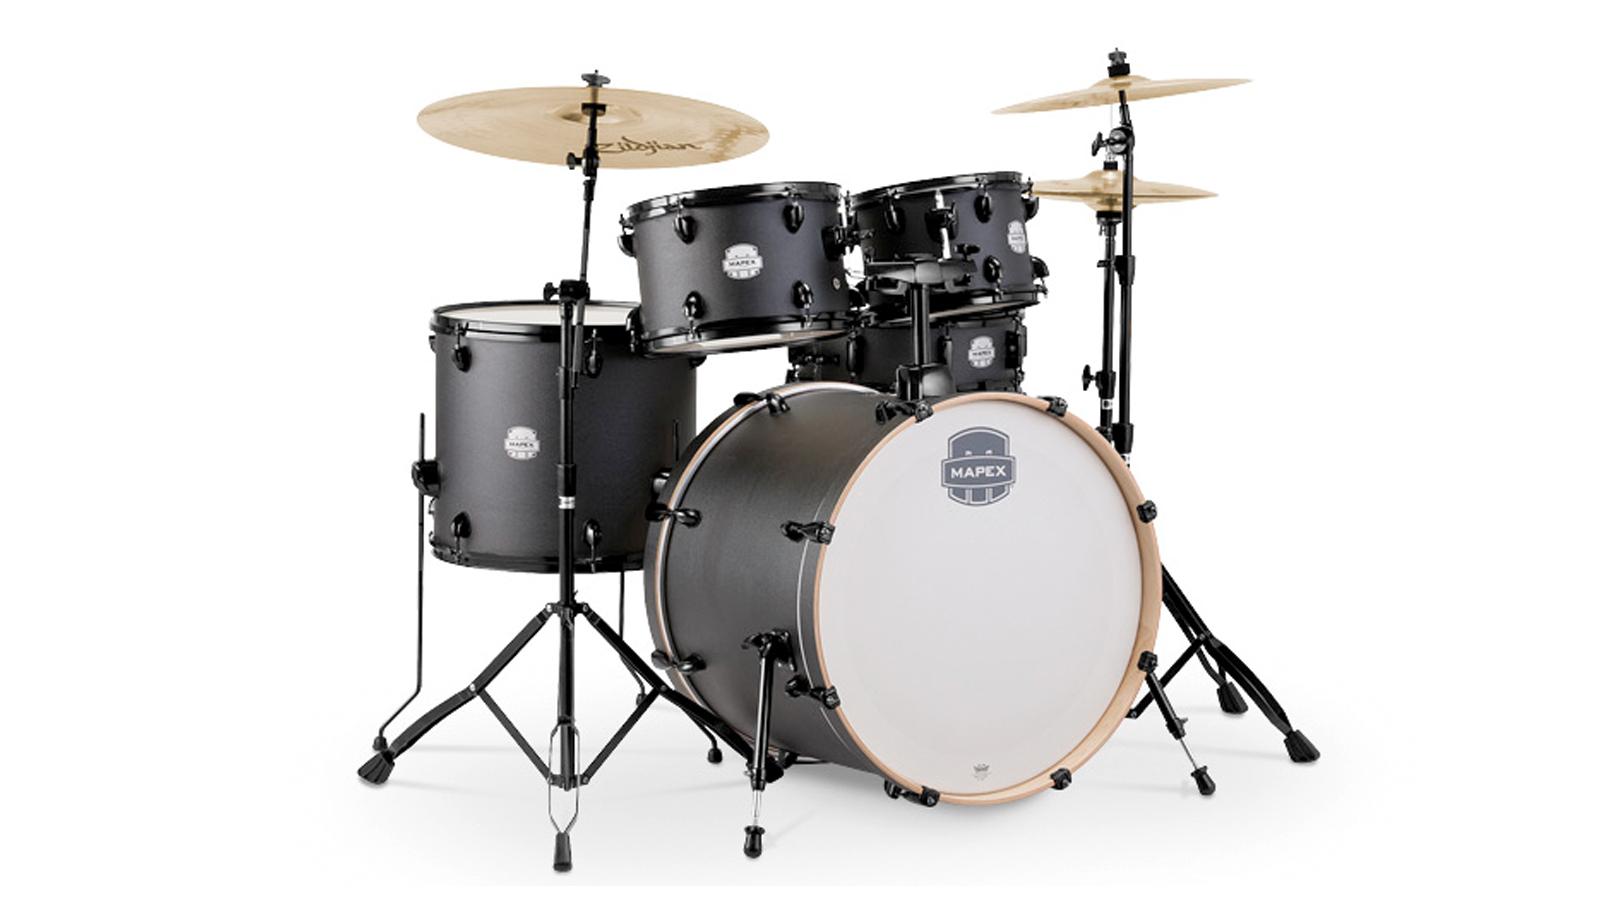 Mapex Storm Drumset 22 10 12 14 Deep Black inkl. HW und Becken